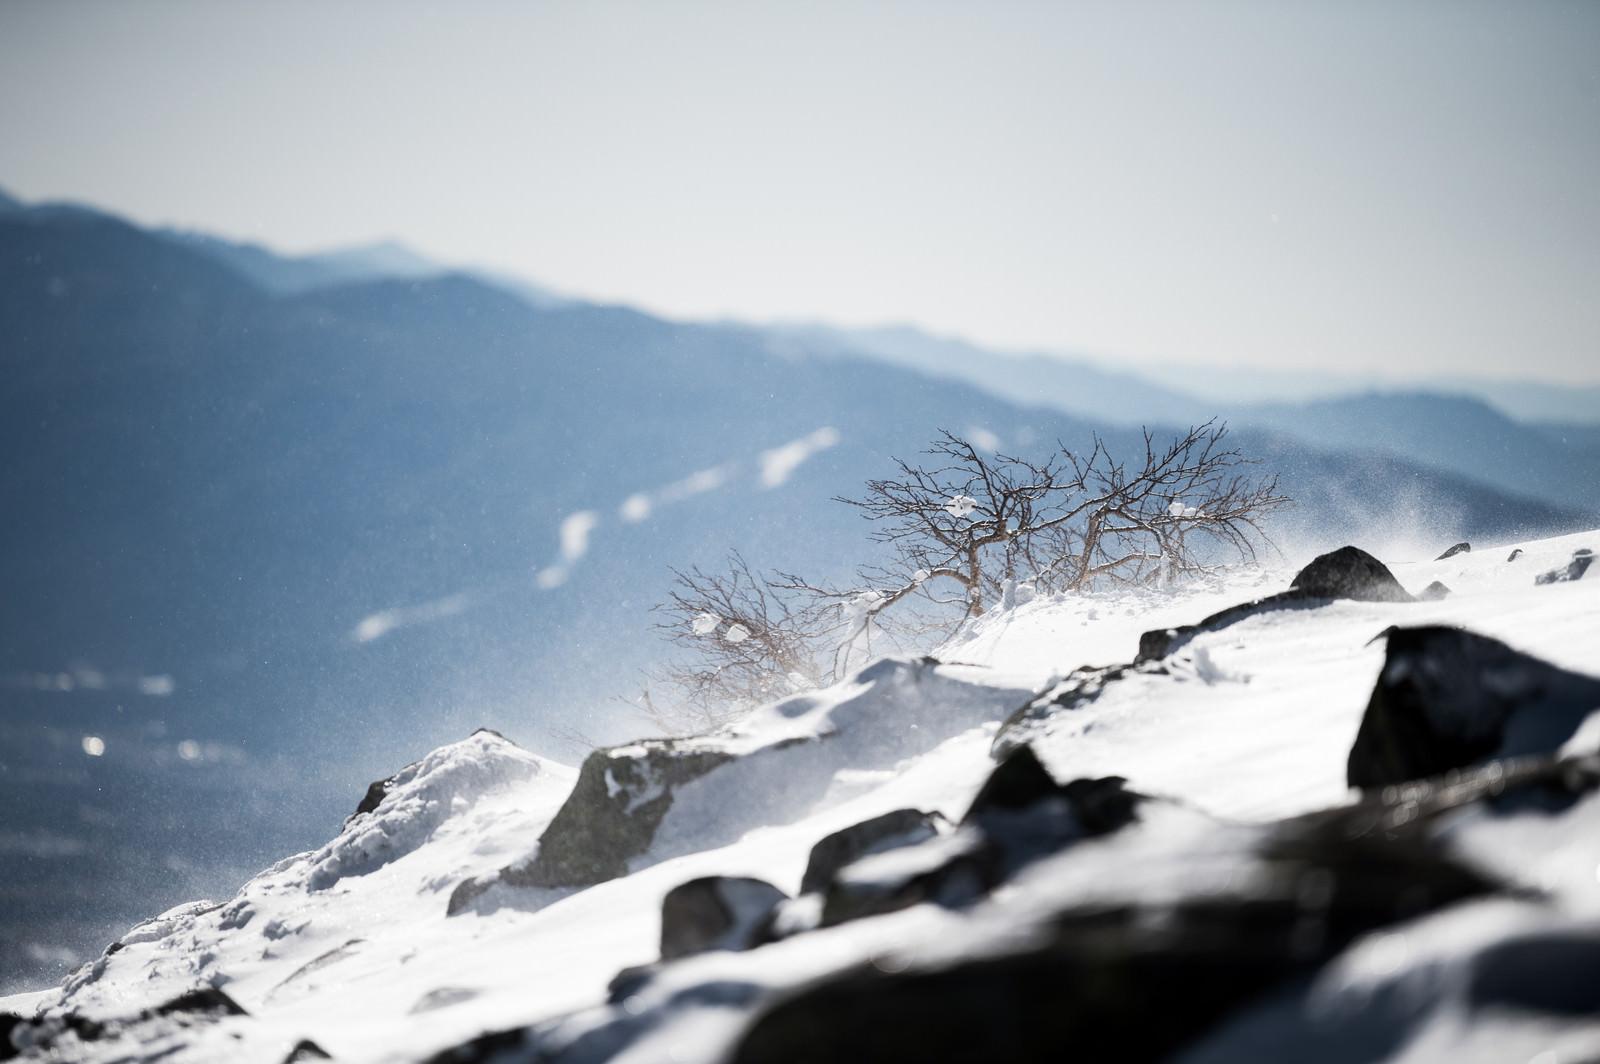 「厳冬期の蓼科山頂で風雪を耐え忍ぶ木々」の写真